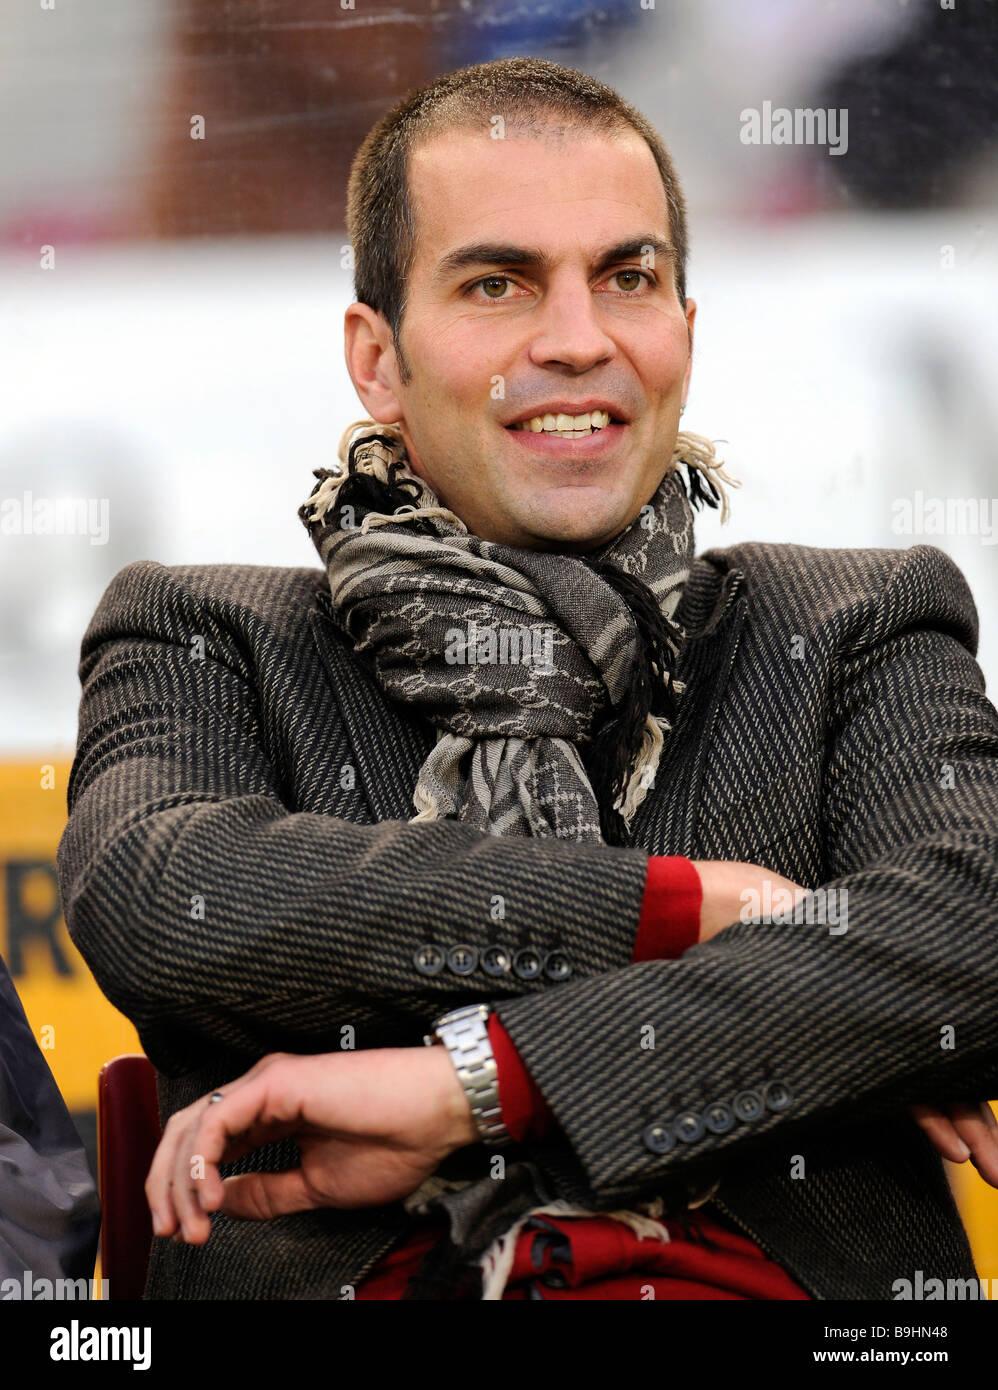 Markus Babbel, coach of VfB Stuttgart - Stock Image